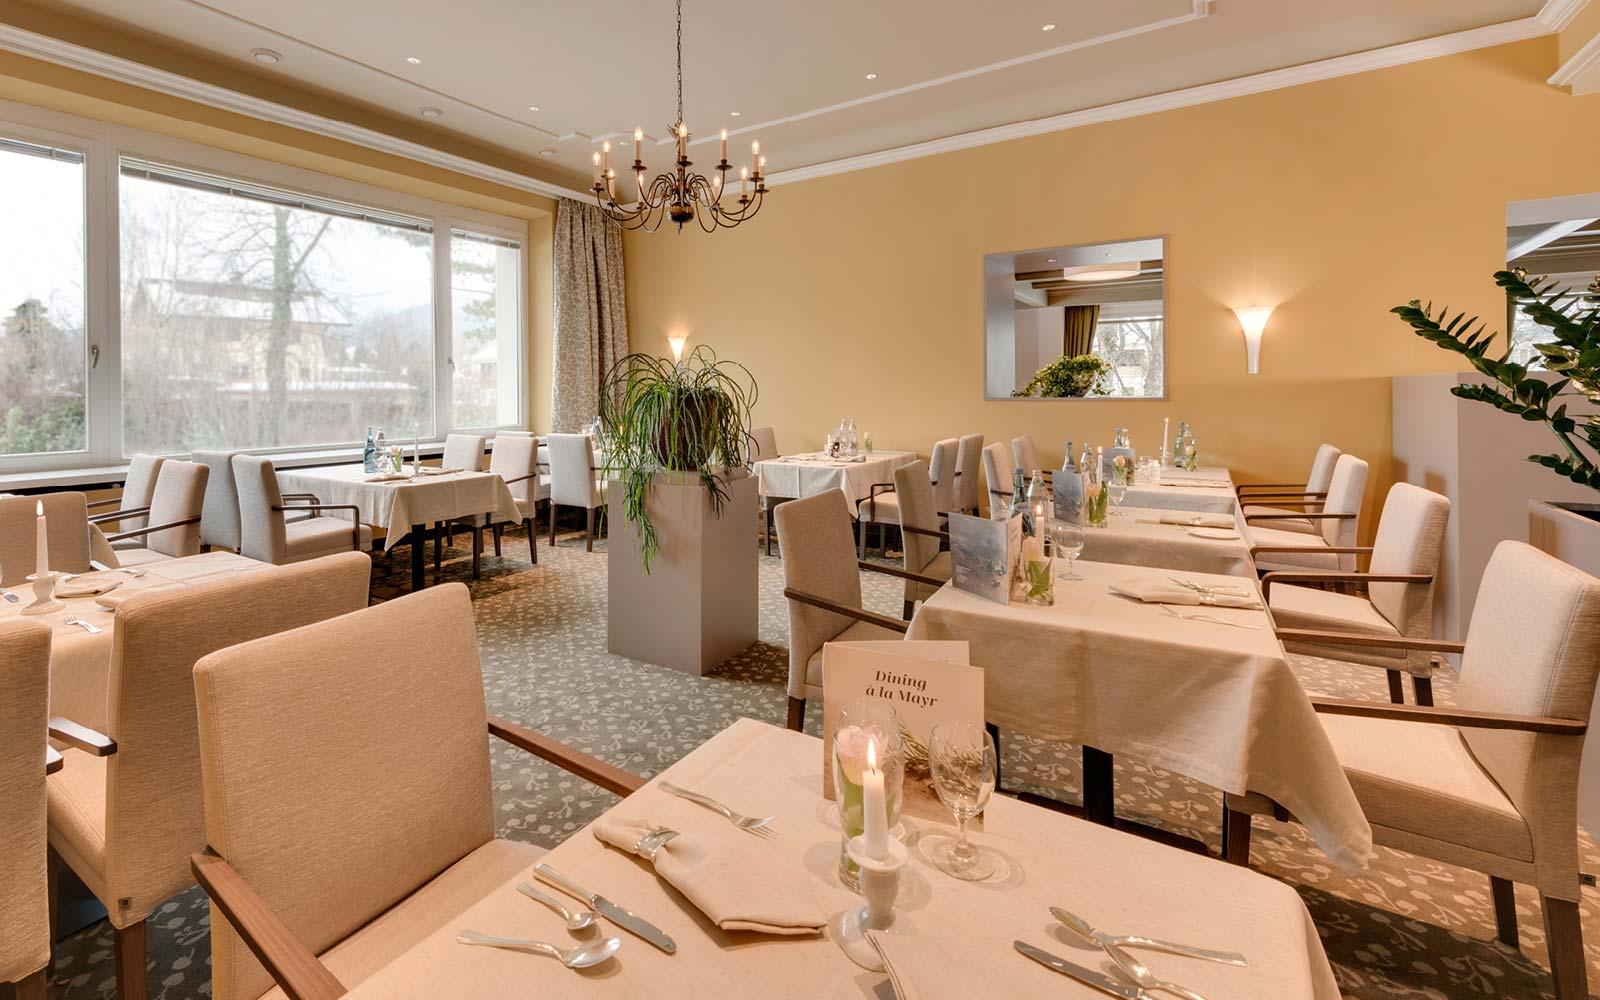 Mayr Clinic Hotel Park Igls Tyrol Austria